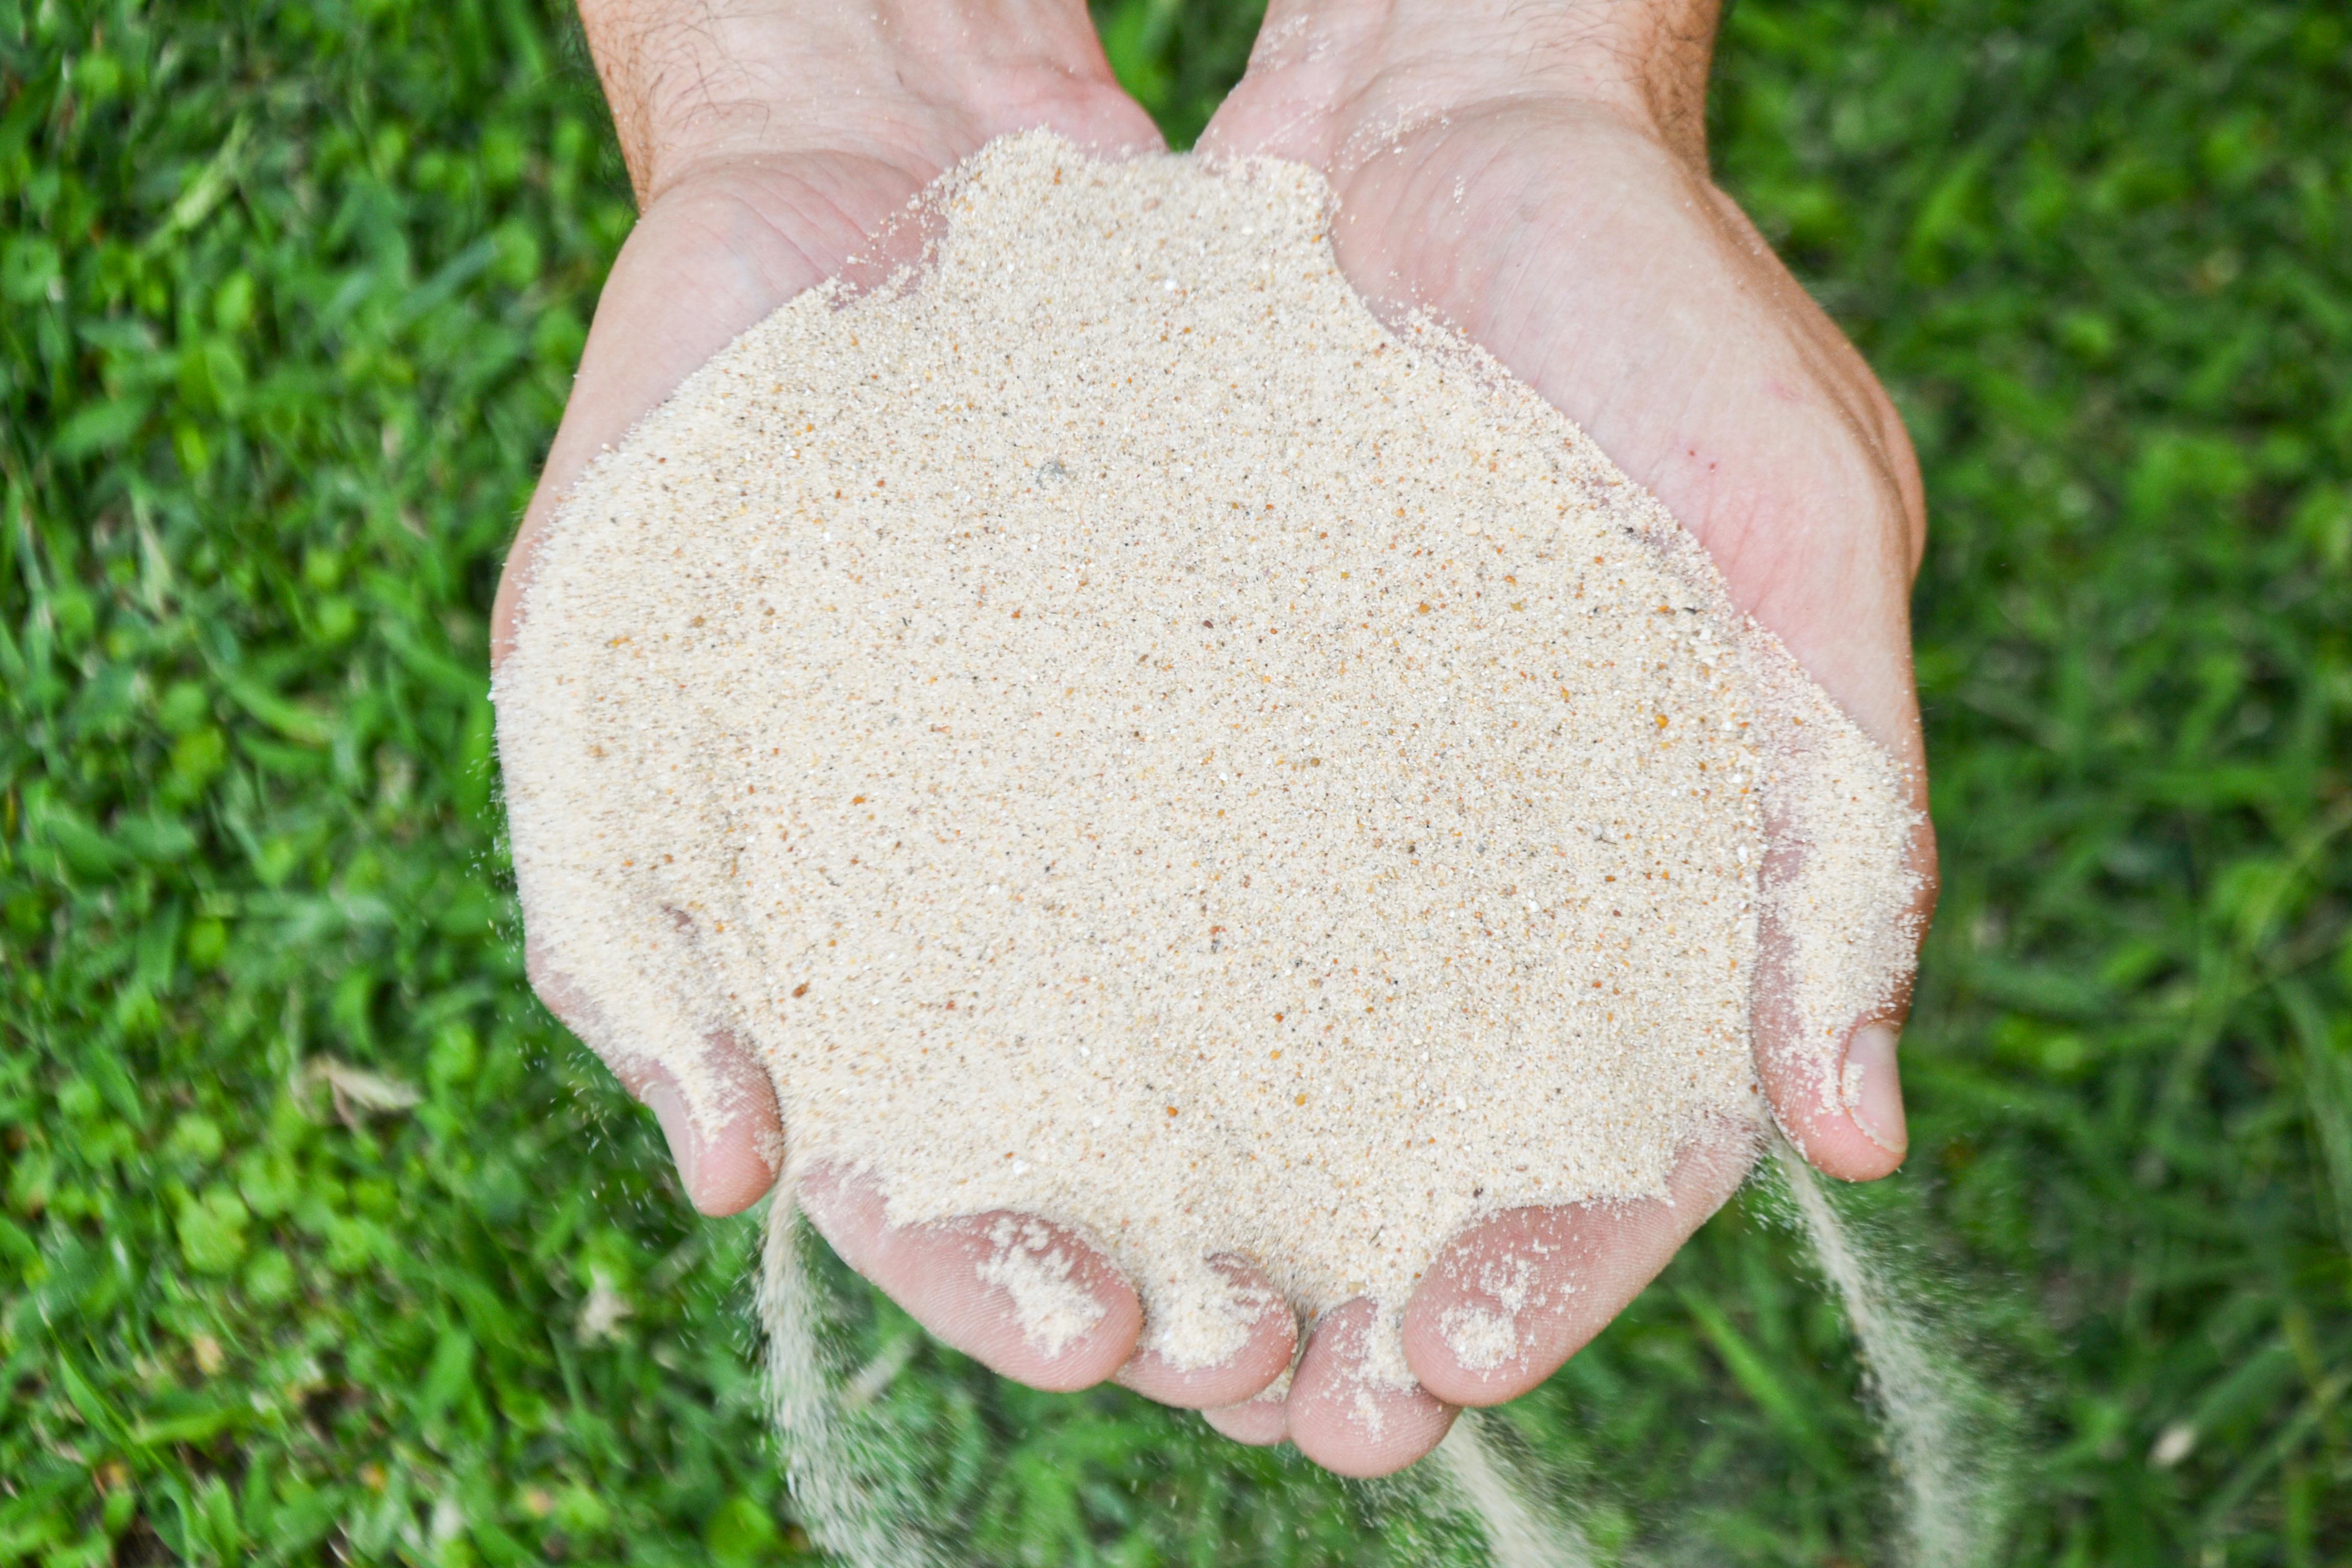 Terra Buona Per Giardino sabbia silicea - la vera sabbia silicea, non calcarea, in